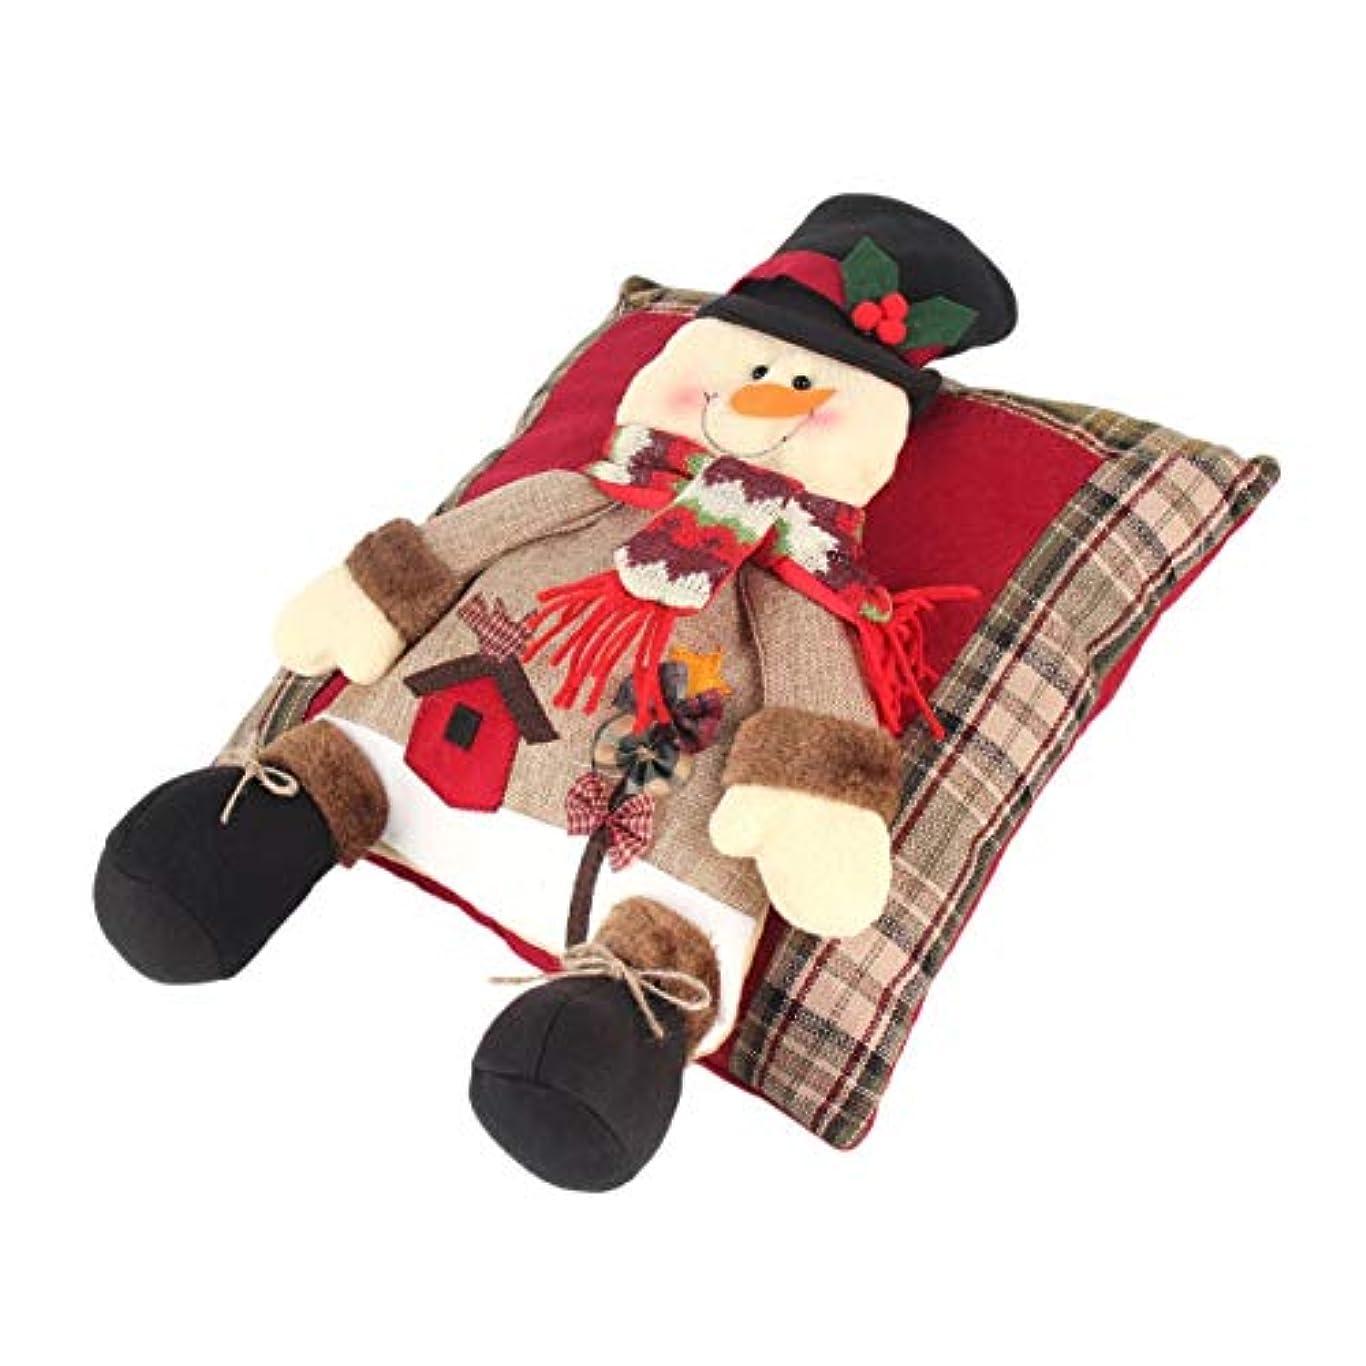 ニックネームシンポジウムつらいSaikogoods 快適なクリスマスリネン枕フェスティバルソフトクッションホームベッドルームリビングルームのソファの装飾パーフェクトなギフト 多色